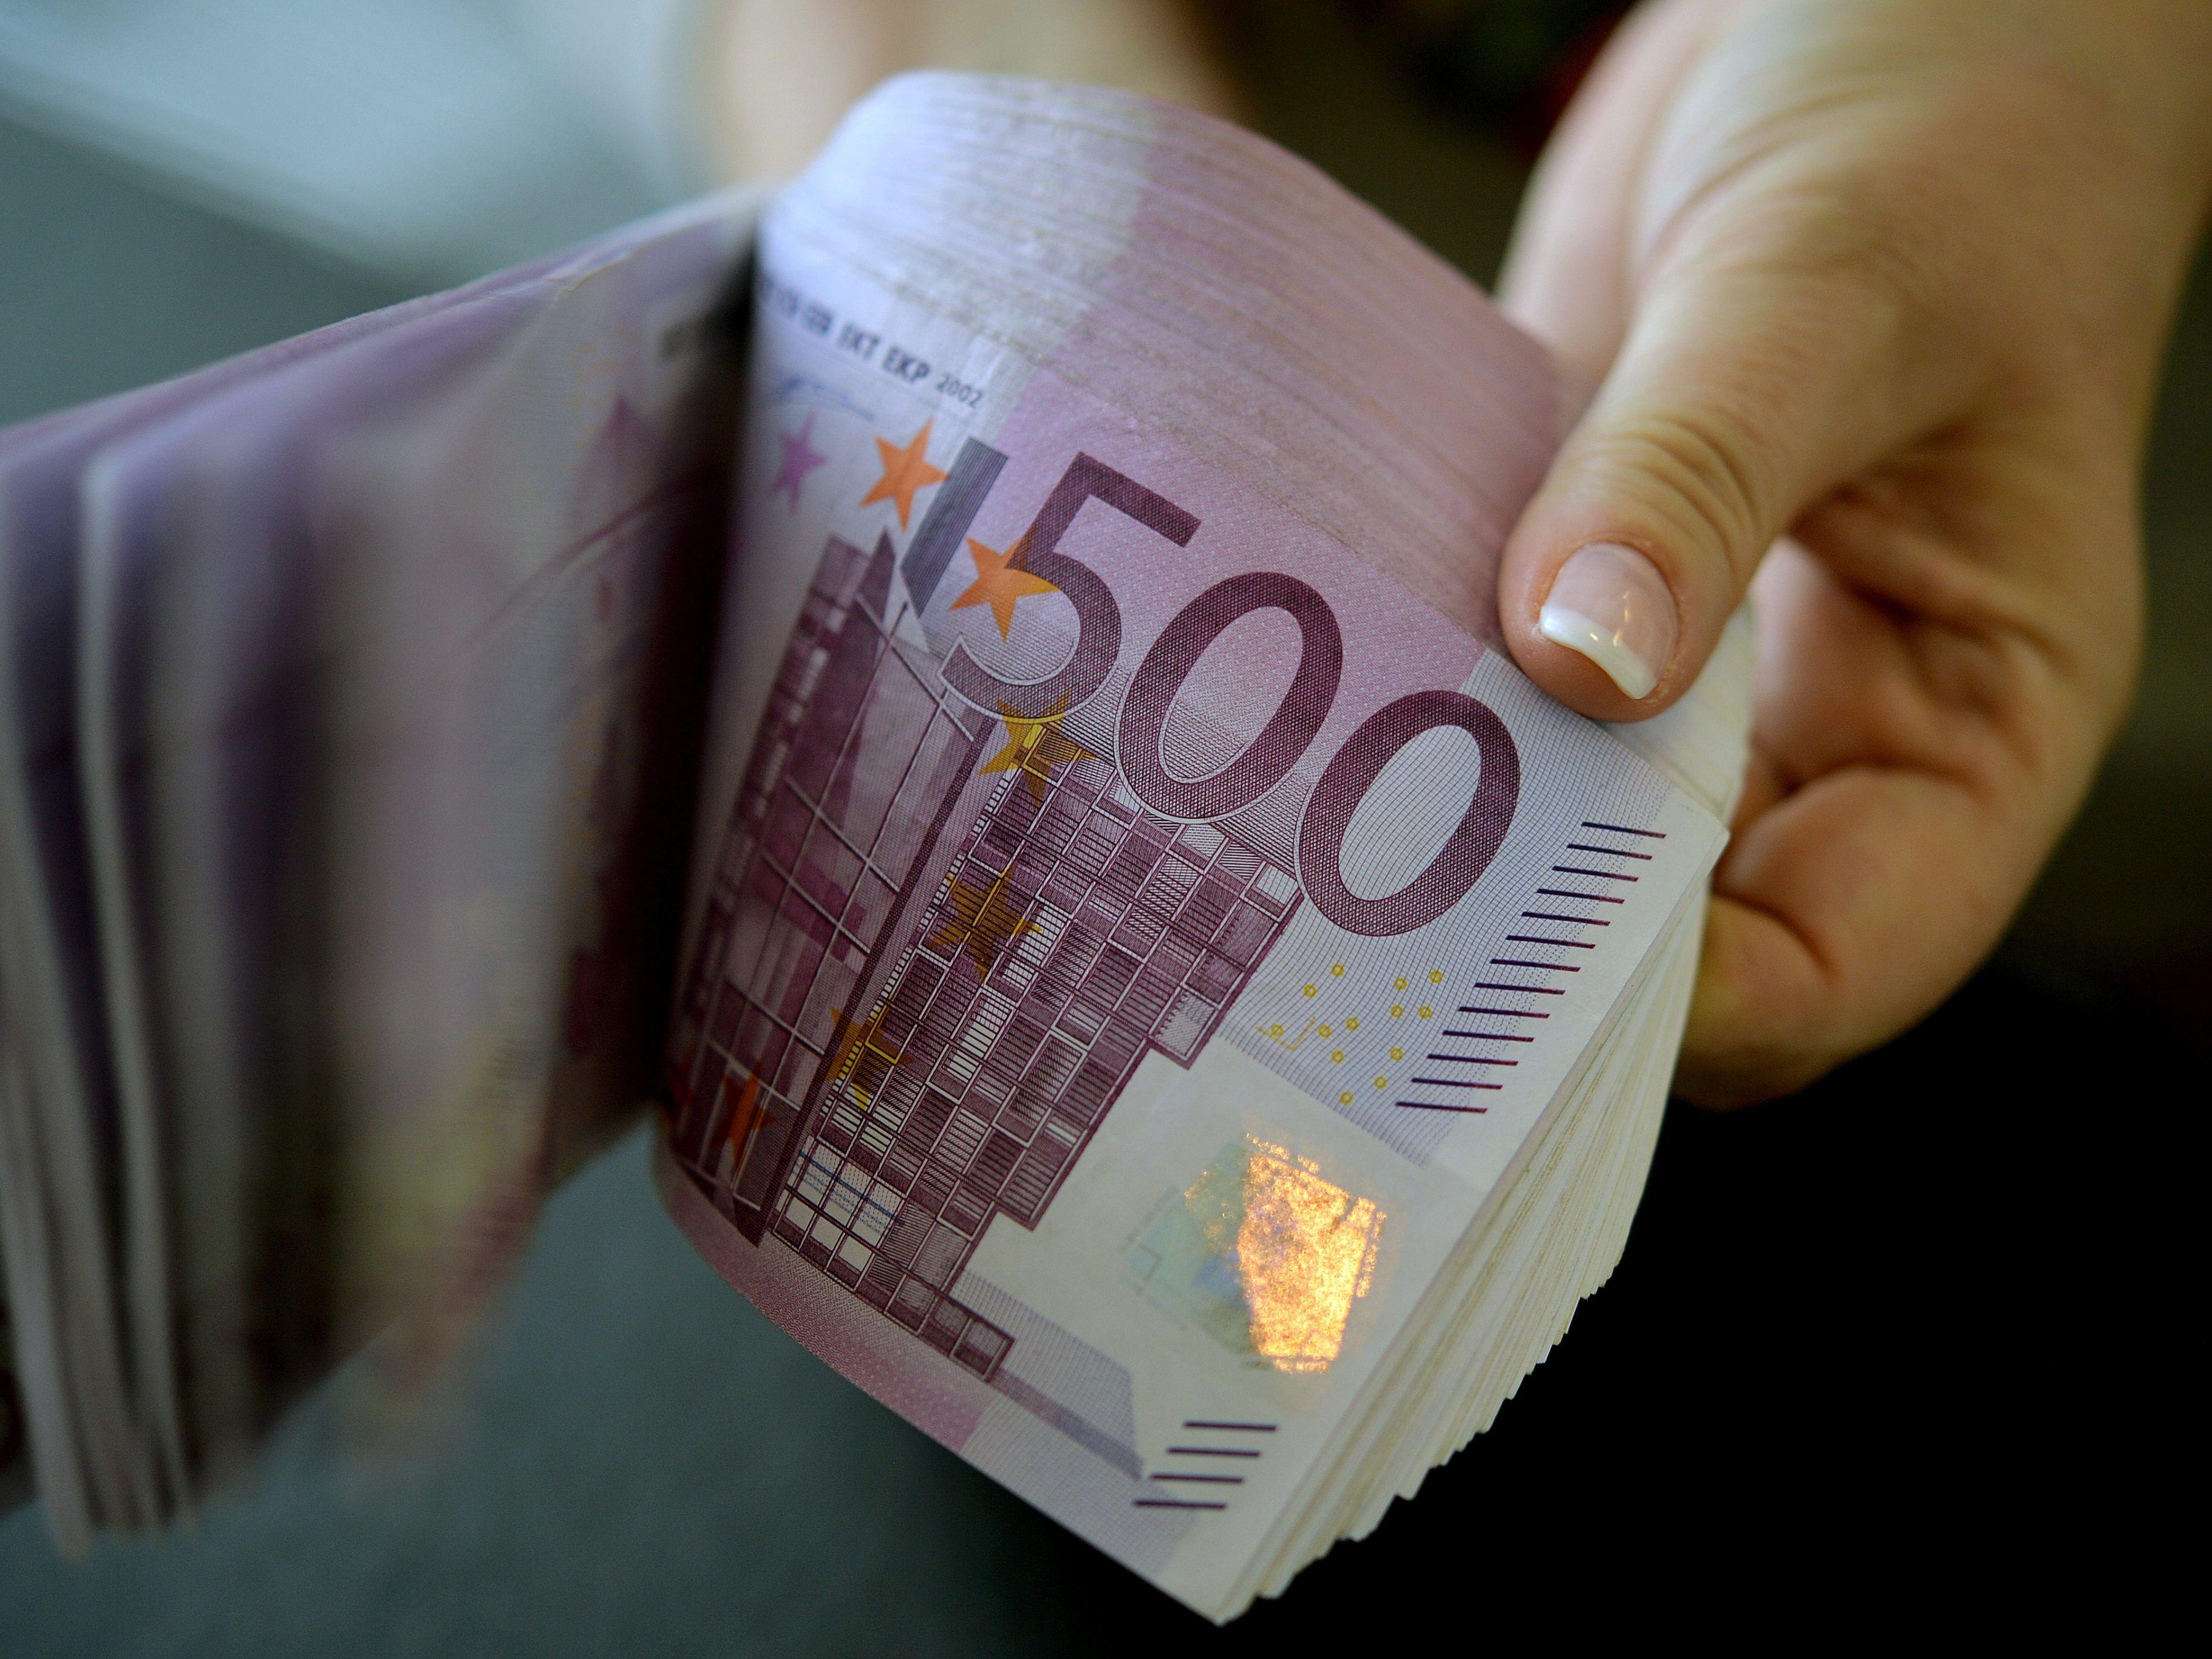 500 Euro Schein Wird Mit Ende 2018 Abgeschafft Wien Aktuell Vienna At